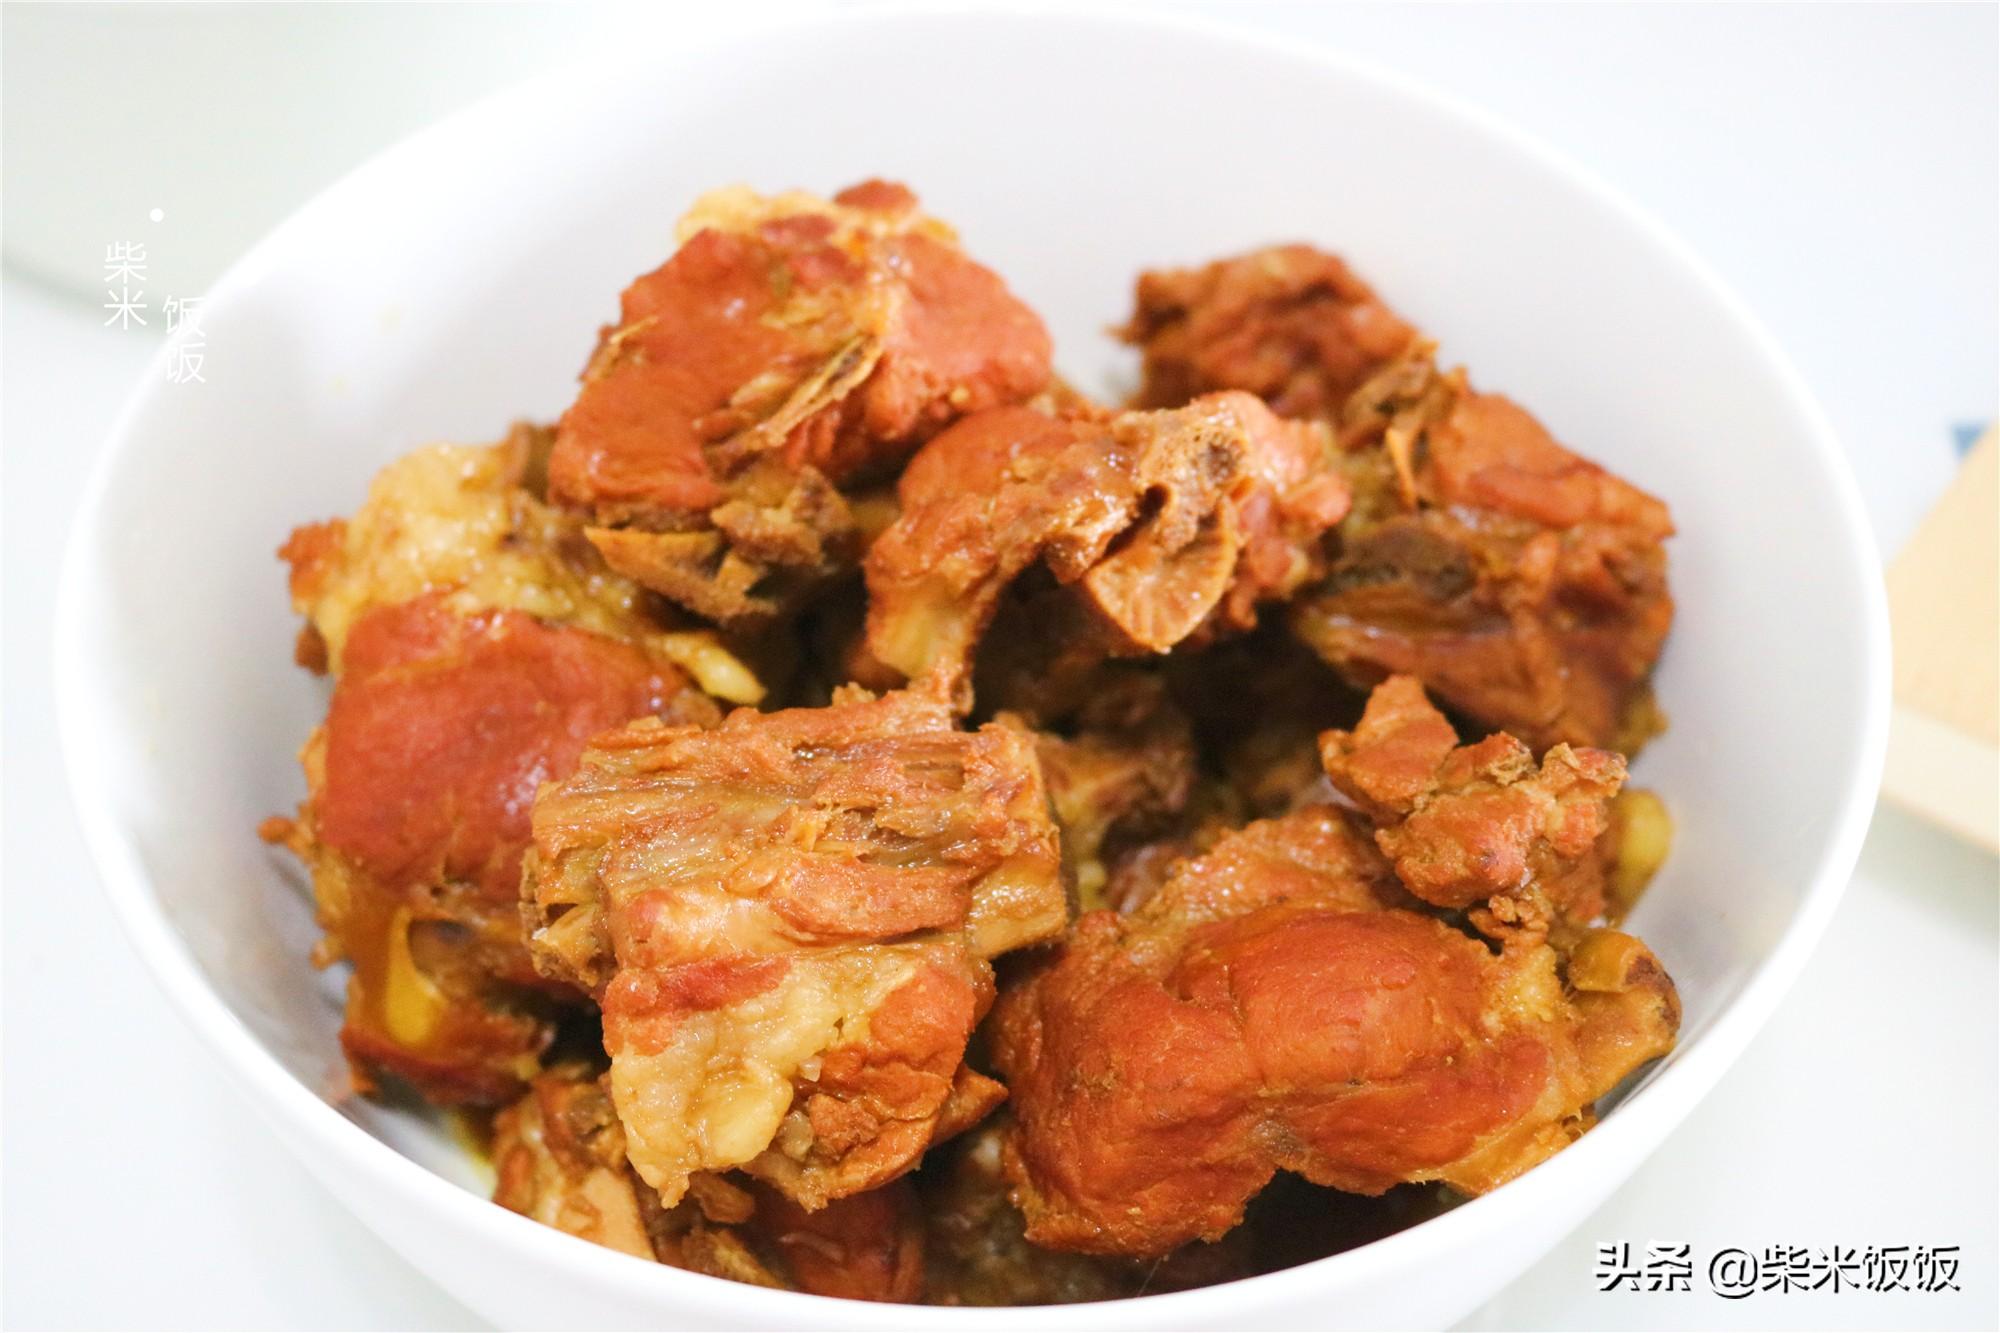 夏天吃肉,这个做法太省事了,丢进锅里不用管,时间一到满屋飘香